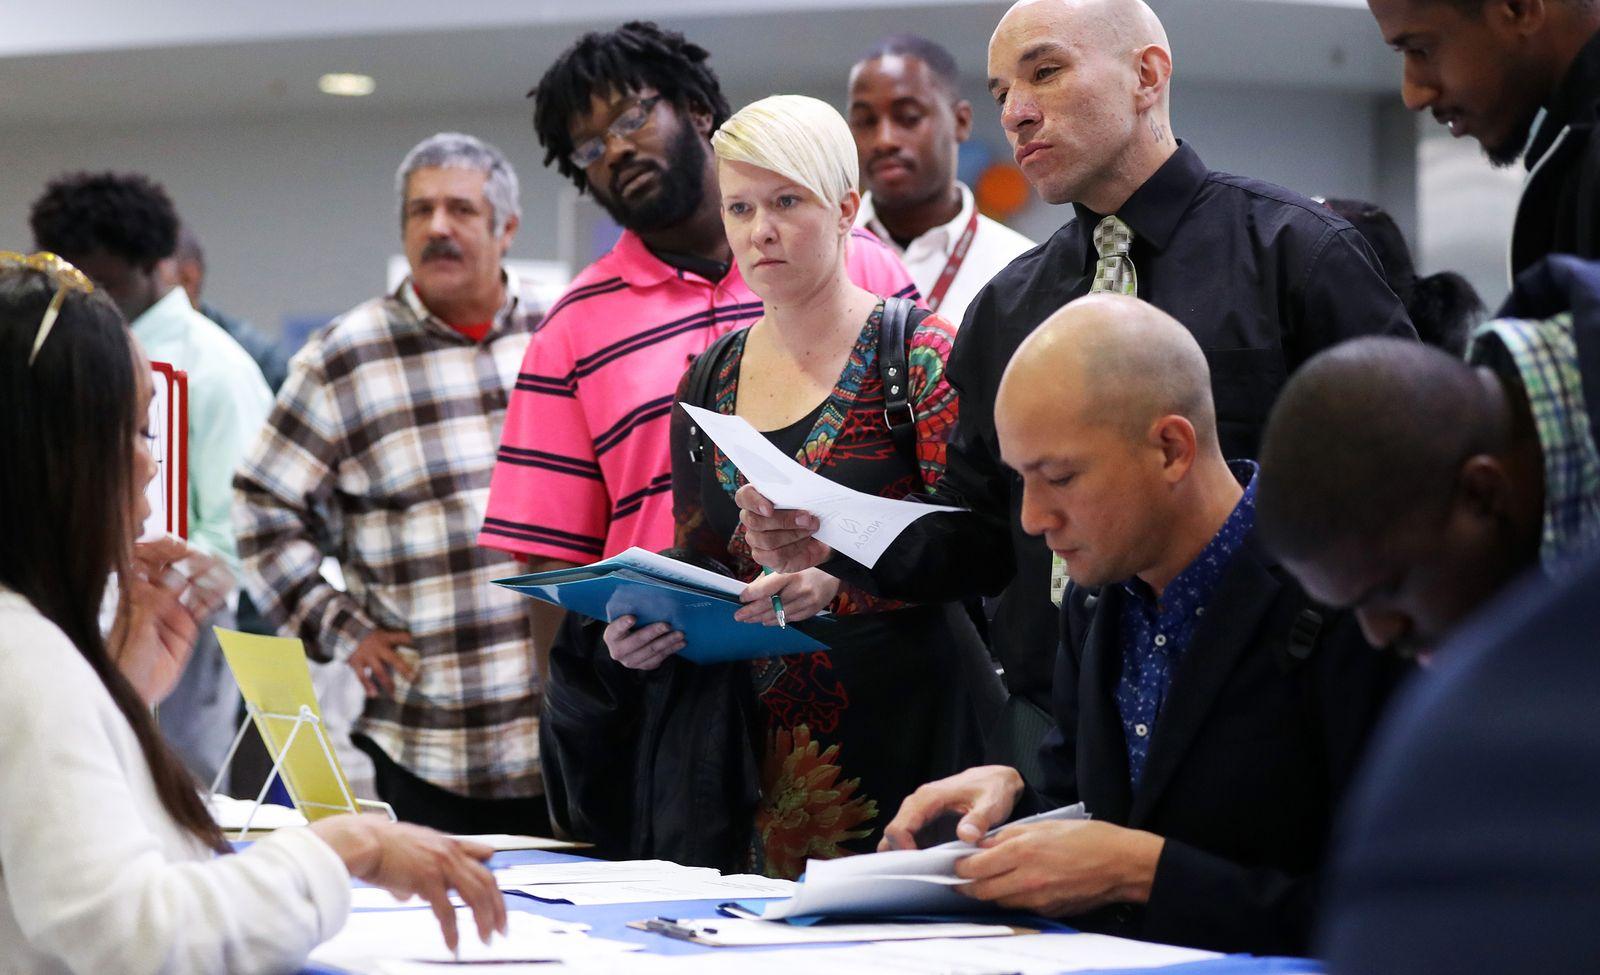 Los Angeles Mission Hosts Skid Row Job Fair